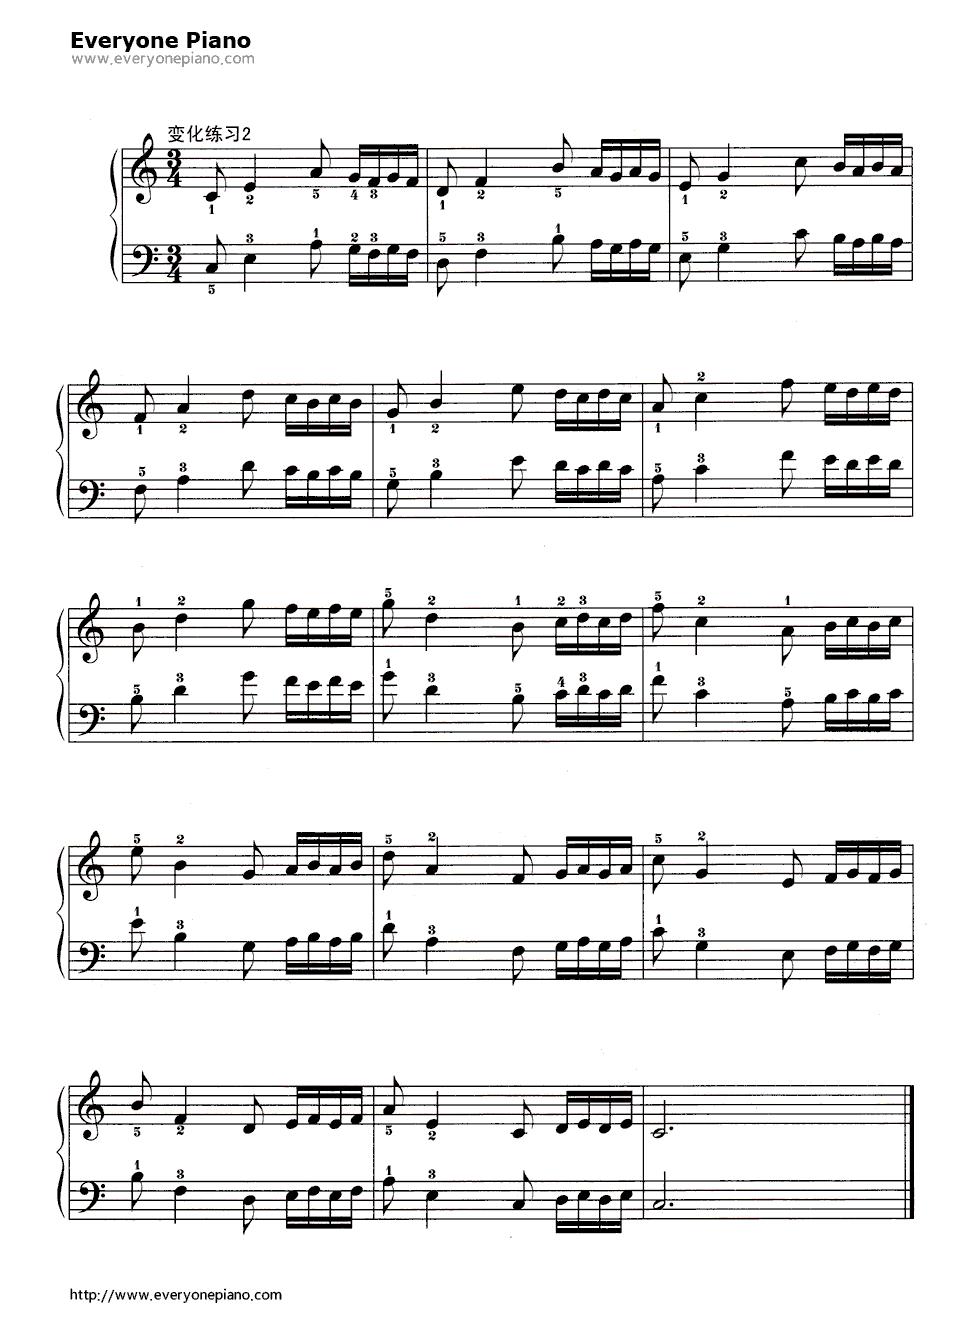 哈农基本练习11五线谱预览3-钢琴谱(五线谱,双手简谱)图片